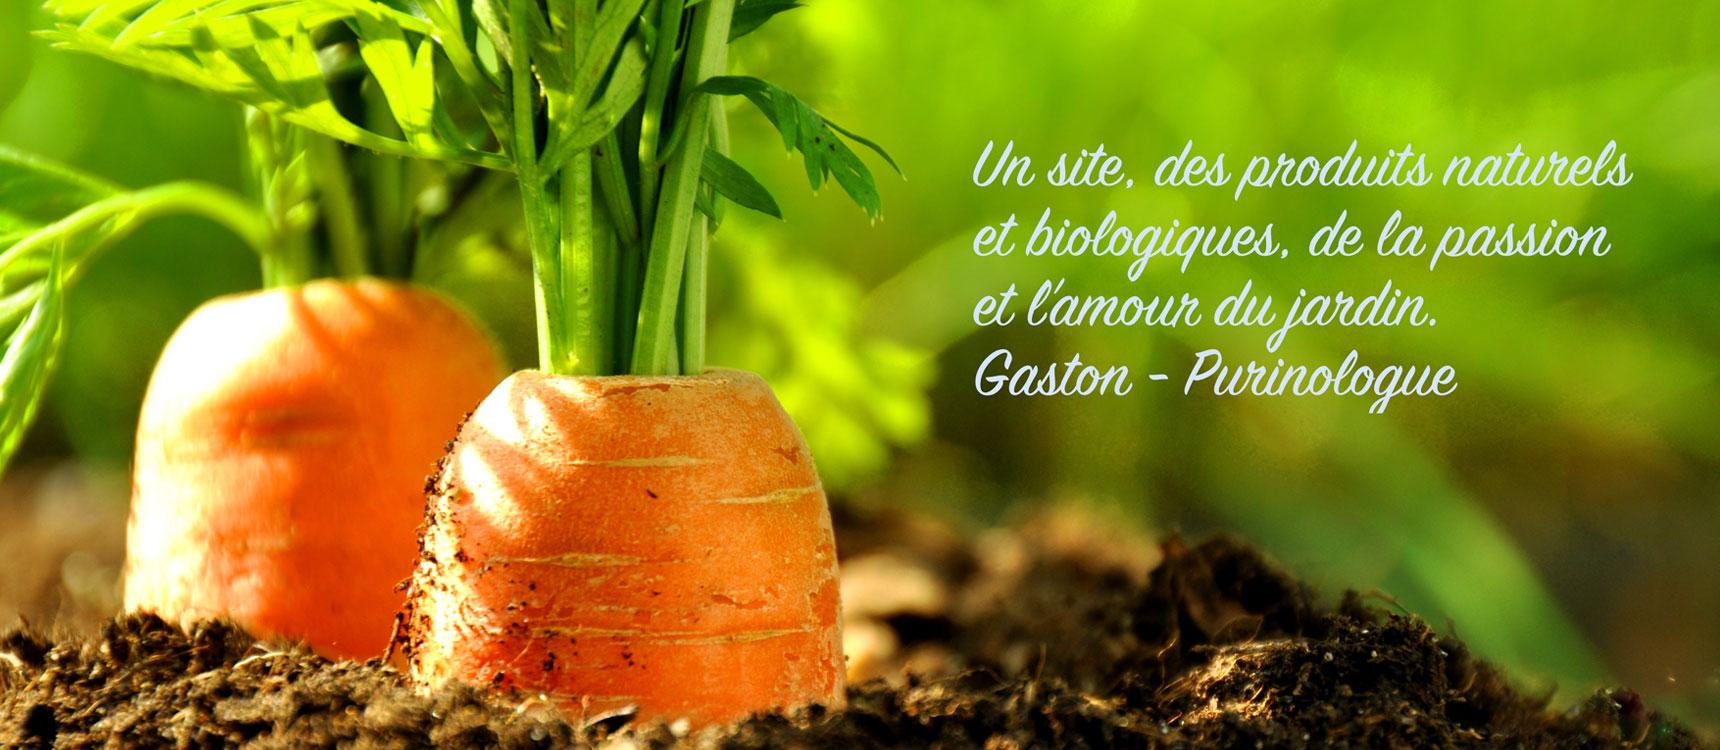 Vente de purins d ortie pr le et consoude pour le jardin - Purin de prele ...